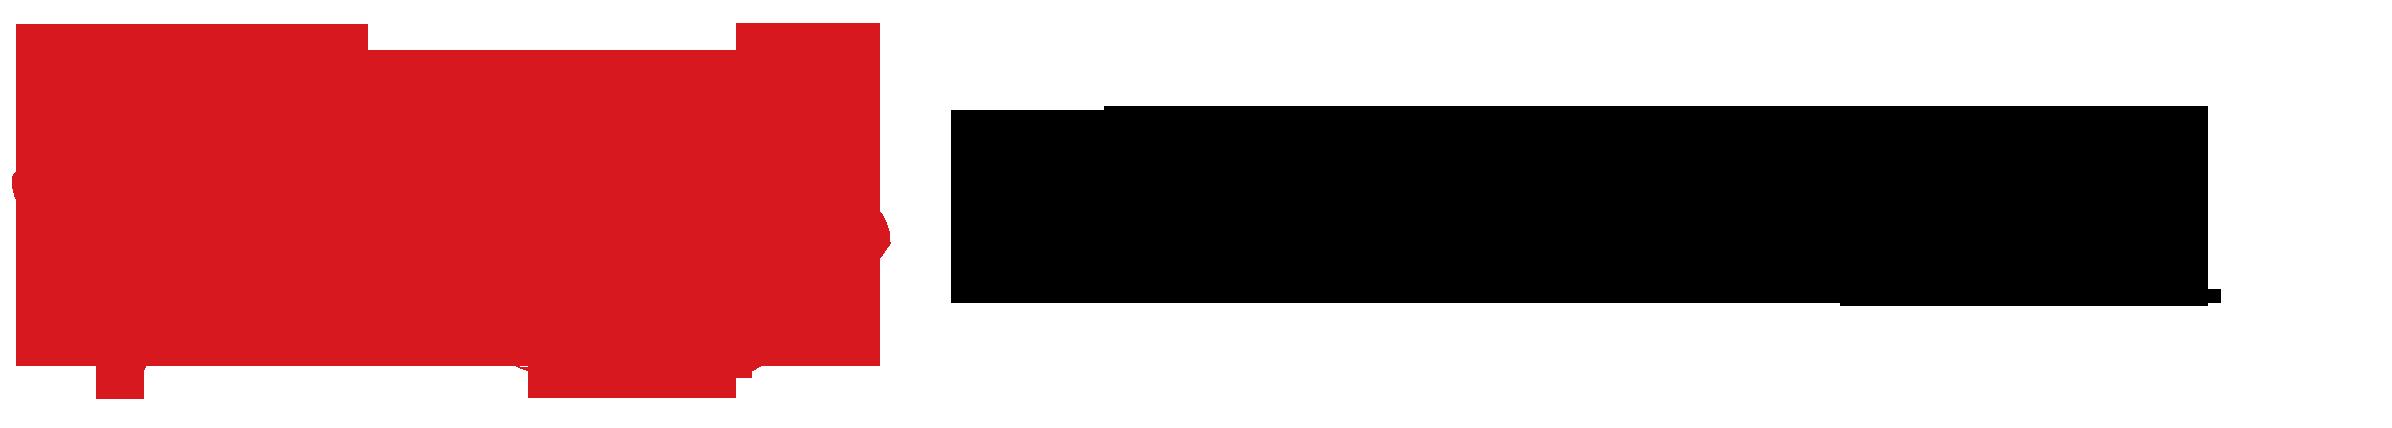 Lowongan PT Bahana